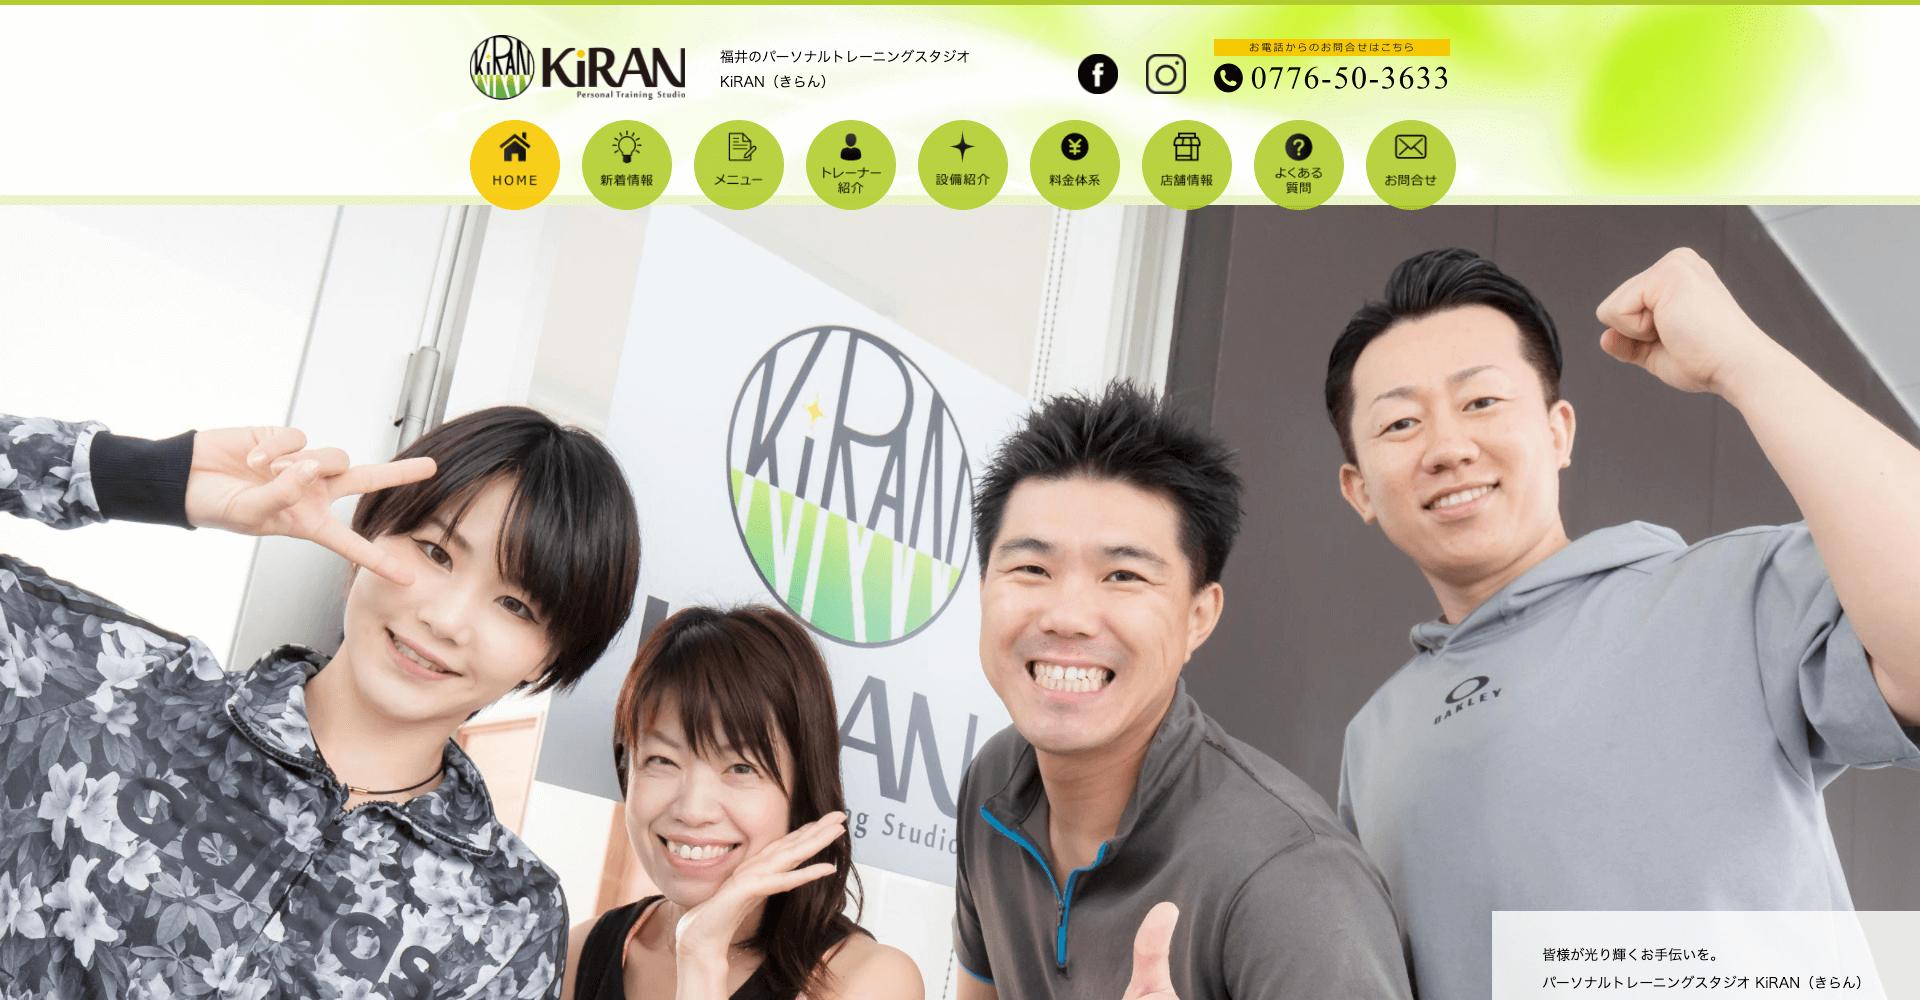 パーソナル・トレーニング・スタジオ KiRAN(きらん)